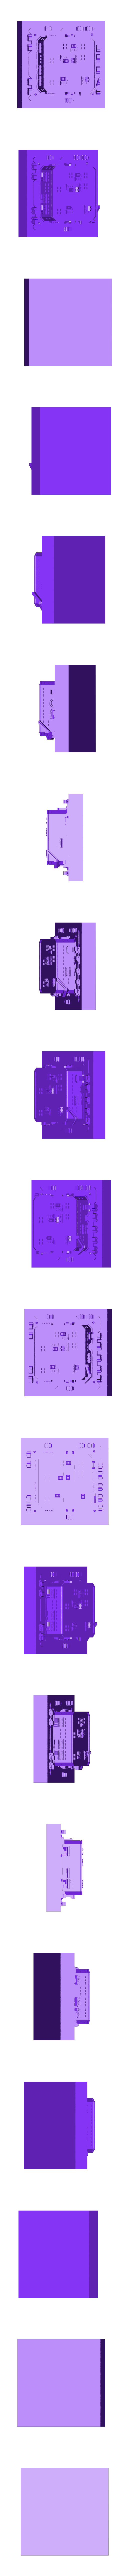 small2.stl Télécharger fichier STL gratuit Bâtiments de procédure • Design pour impression 3D, ferjerez3d